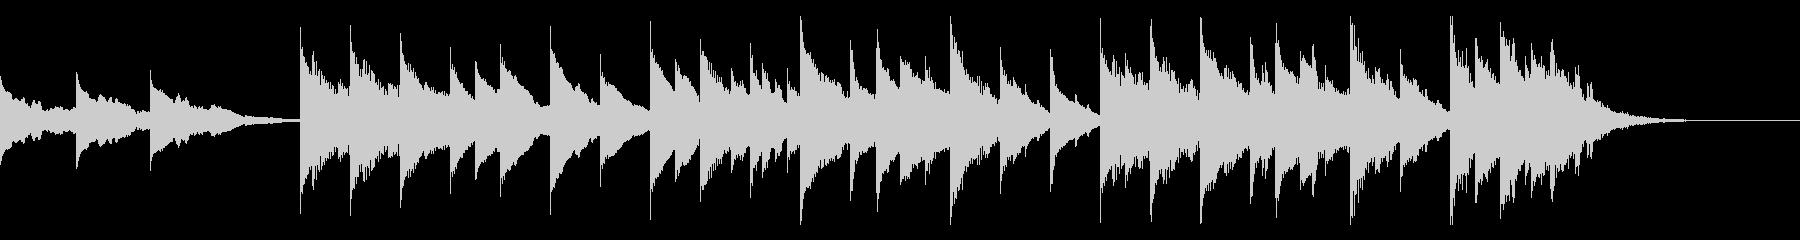 メロディックミニマルエレクトロニカの未再生の波形